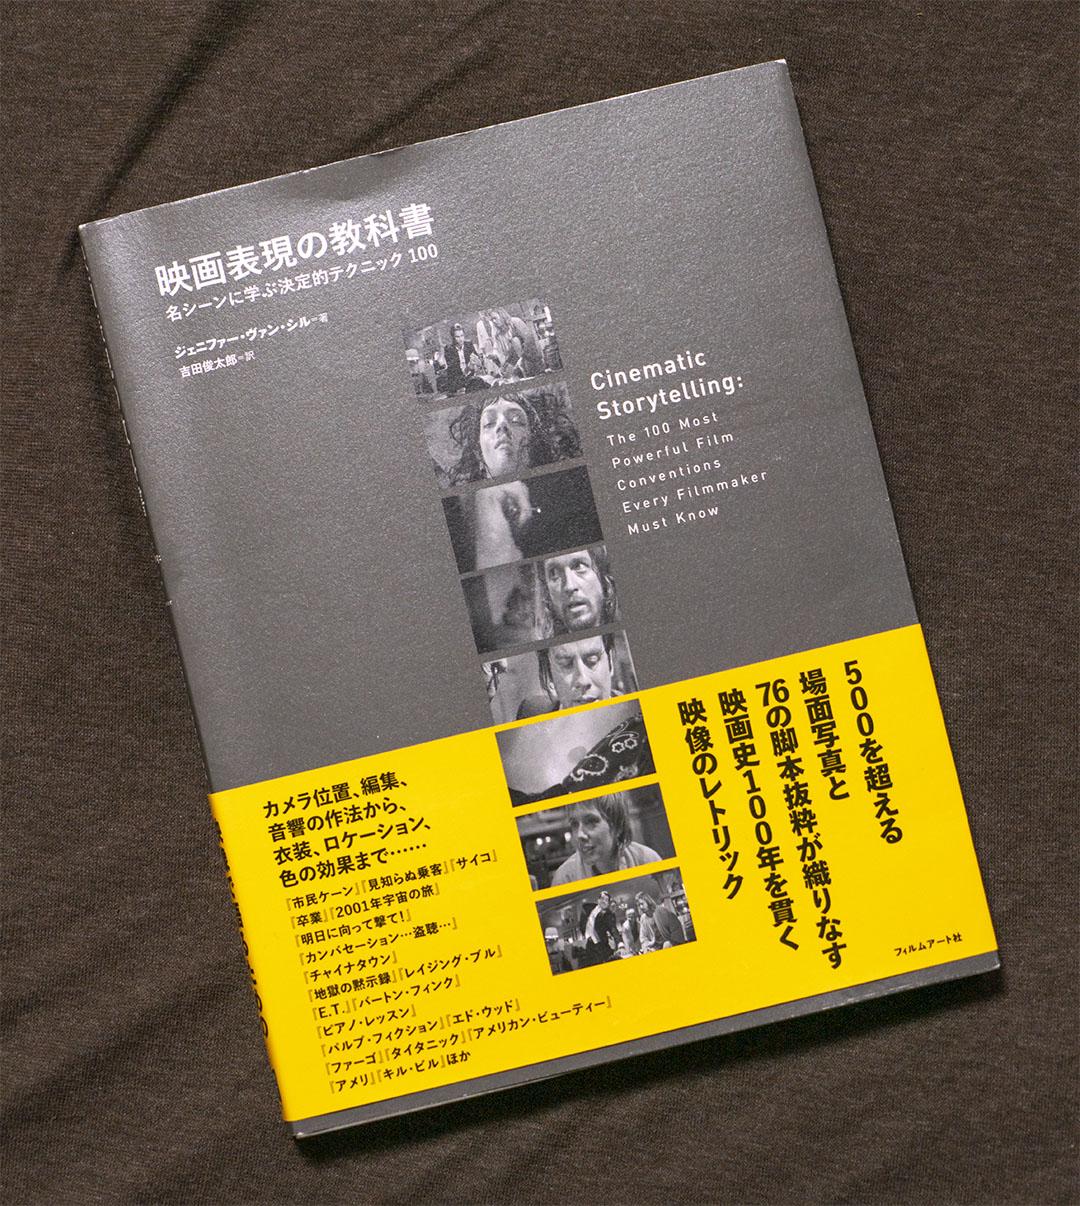 ジェニファー・ヴァン・シル著『映画表現の教科書 ─名シーンに学ぶ決定的テクニック100』